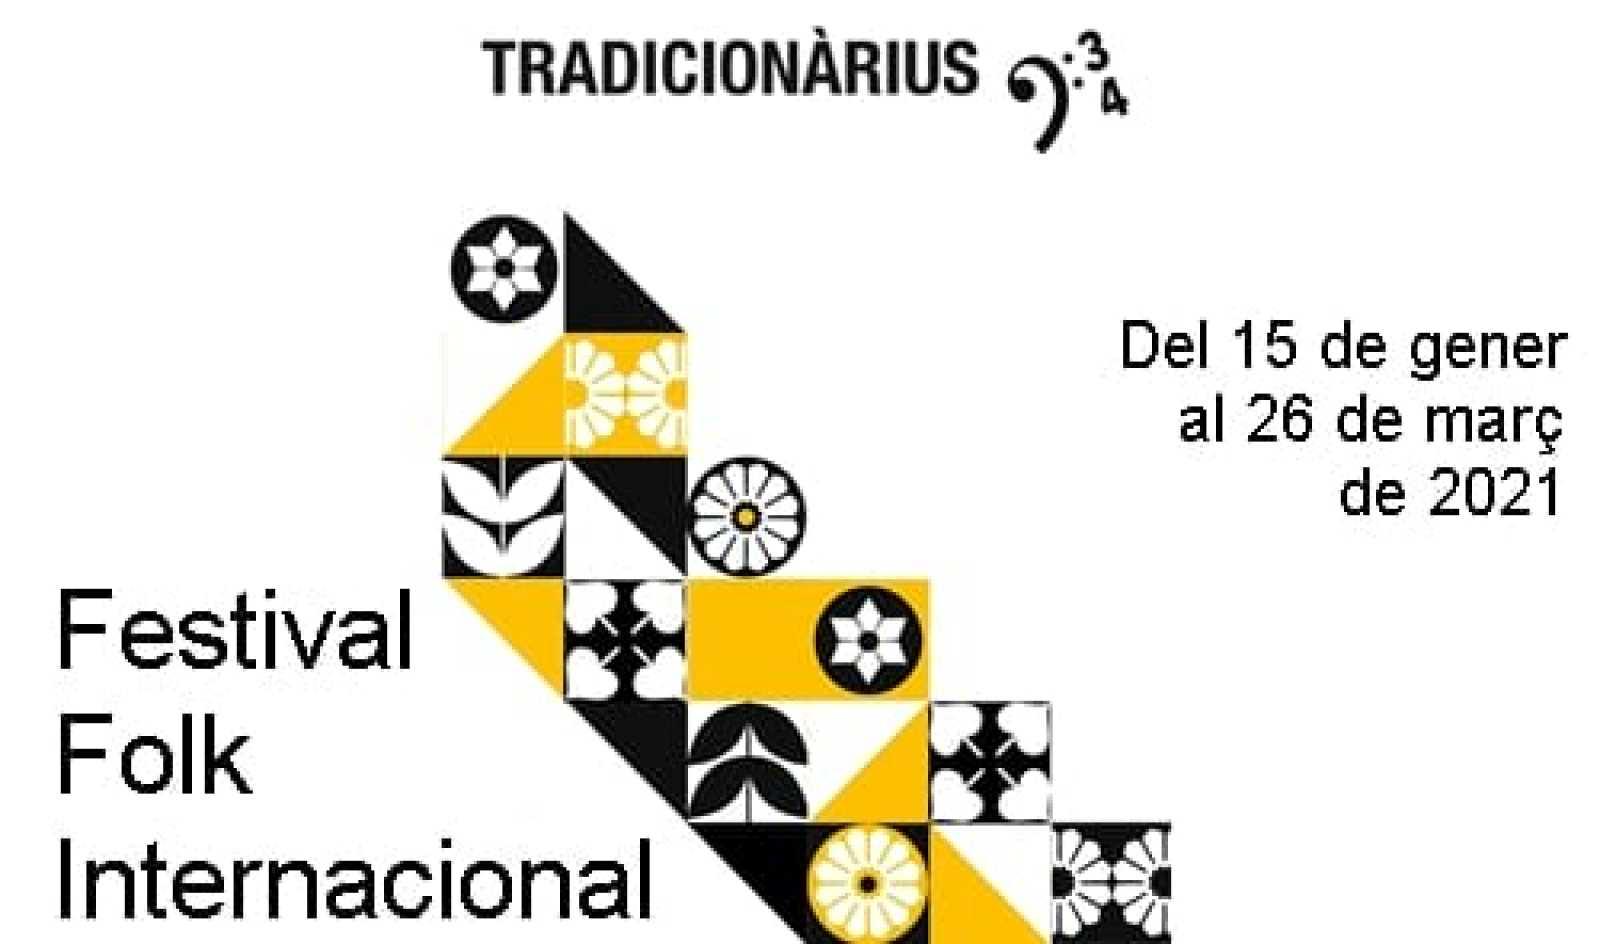 Tradicionàrius - Presentació del 34è Festival Internacional Folk Tradicionàrius